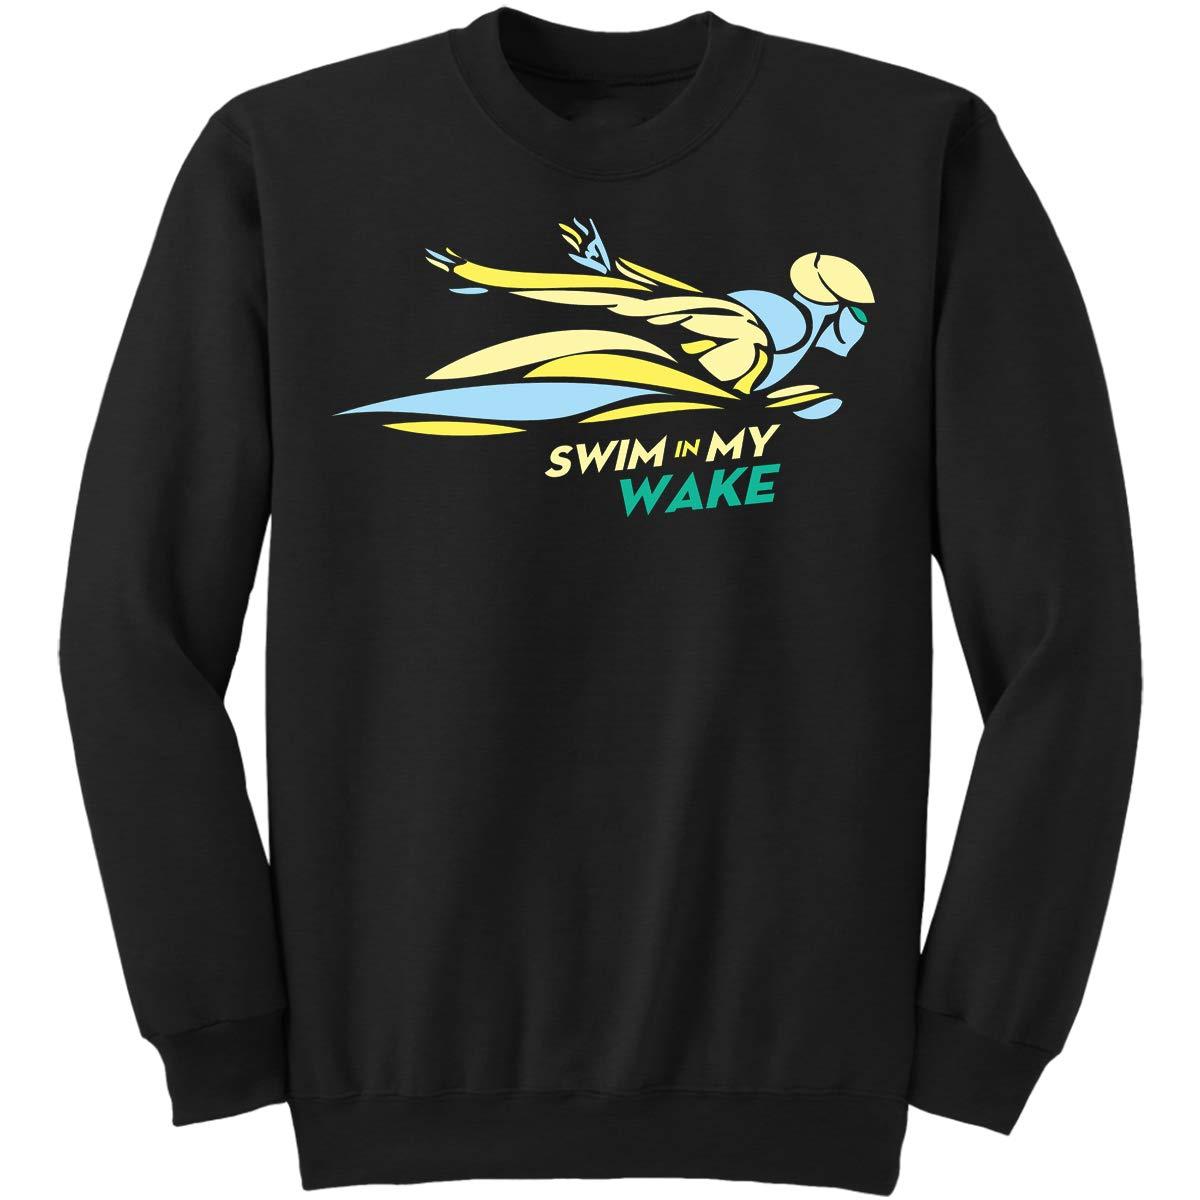 Swim in My Wake Funny Swimming Sweatshirt